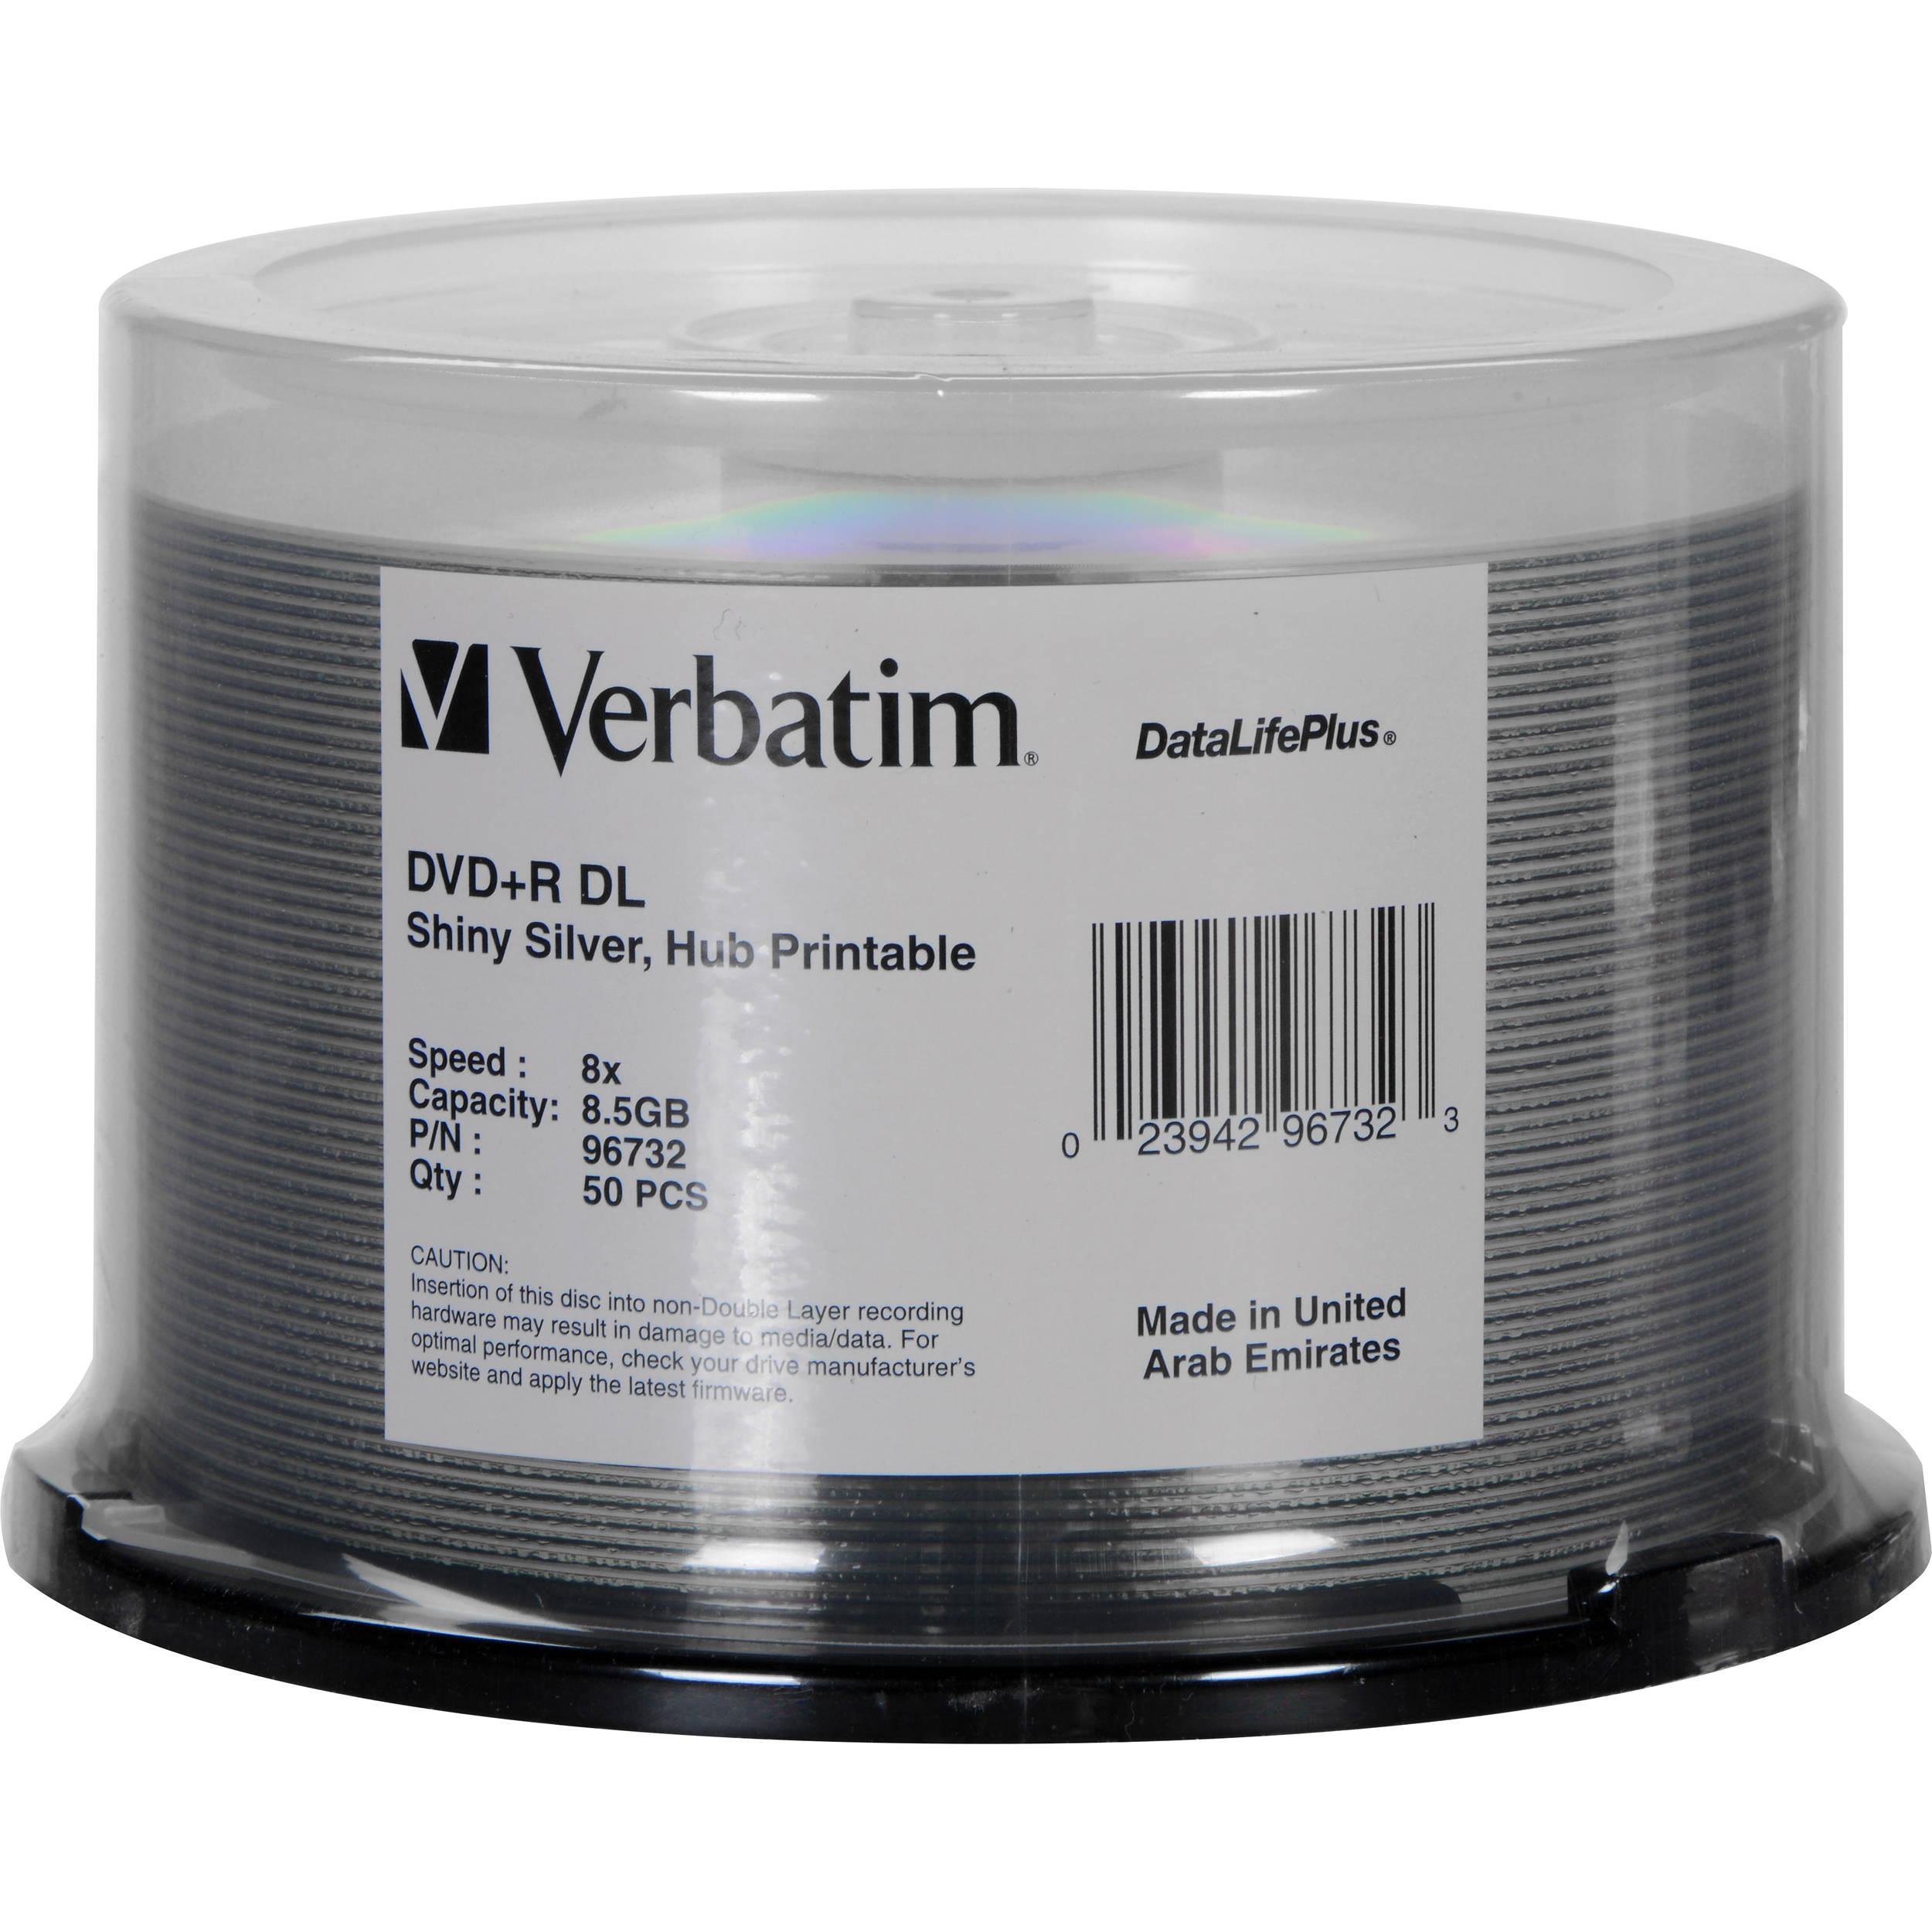 verbatim dvd r dl datalifeplus silver recordable disc. Black Bedroom Furniture Sets. Home Design Ideas